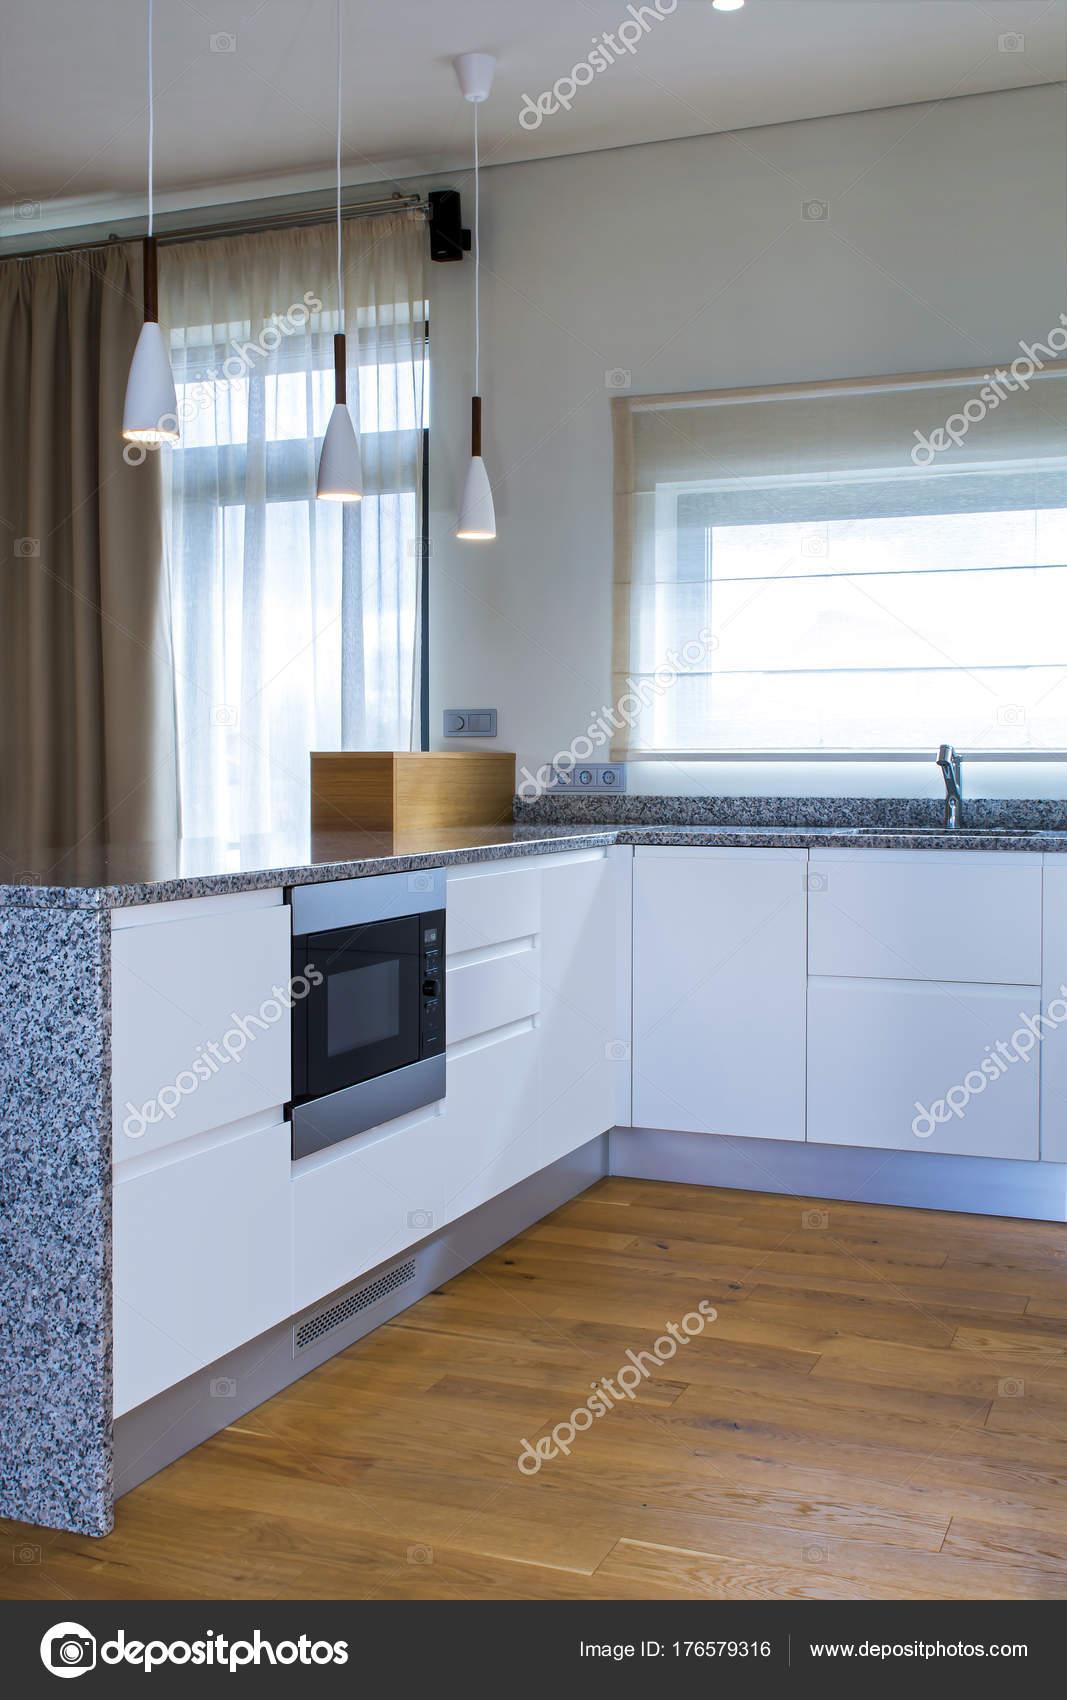 Moderne Küchendesign Hellen Innenraum Mit Holz Akzente Zimmer Gibt ...